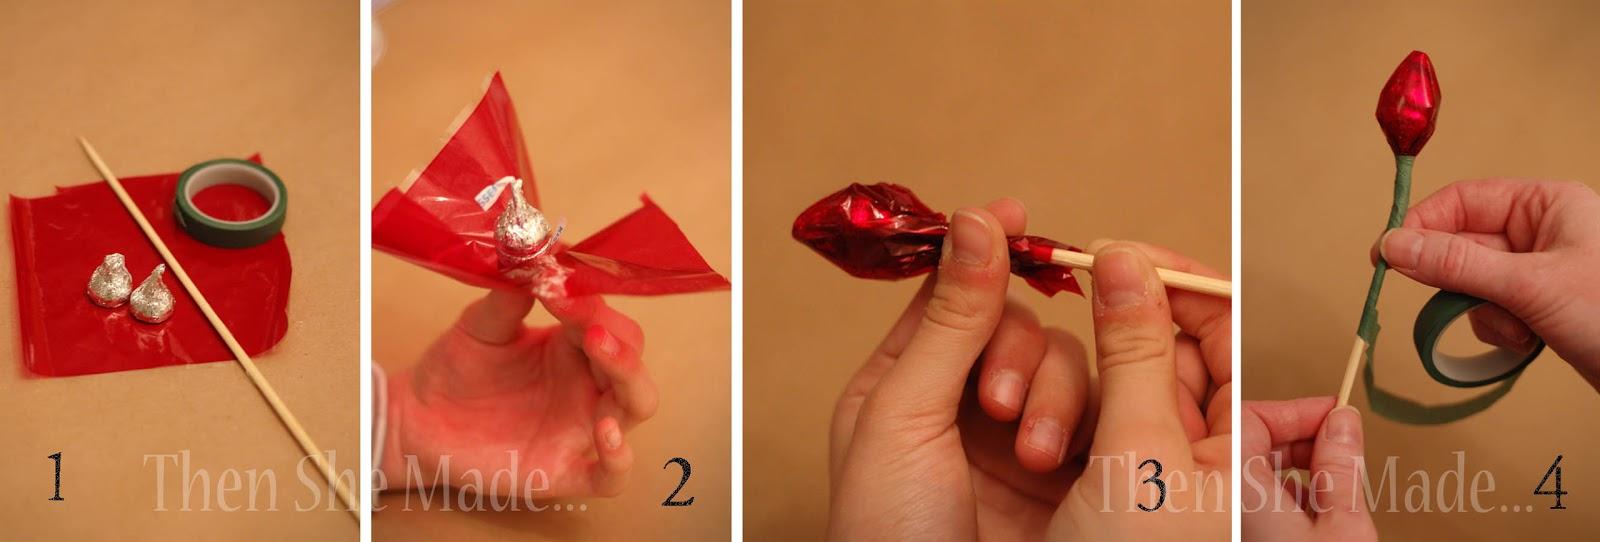 Как сделать конфету из оберточной бумаги